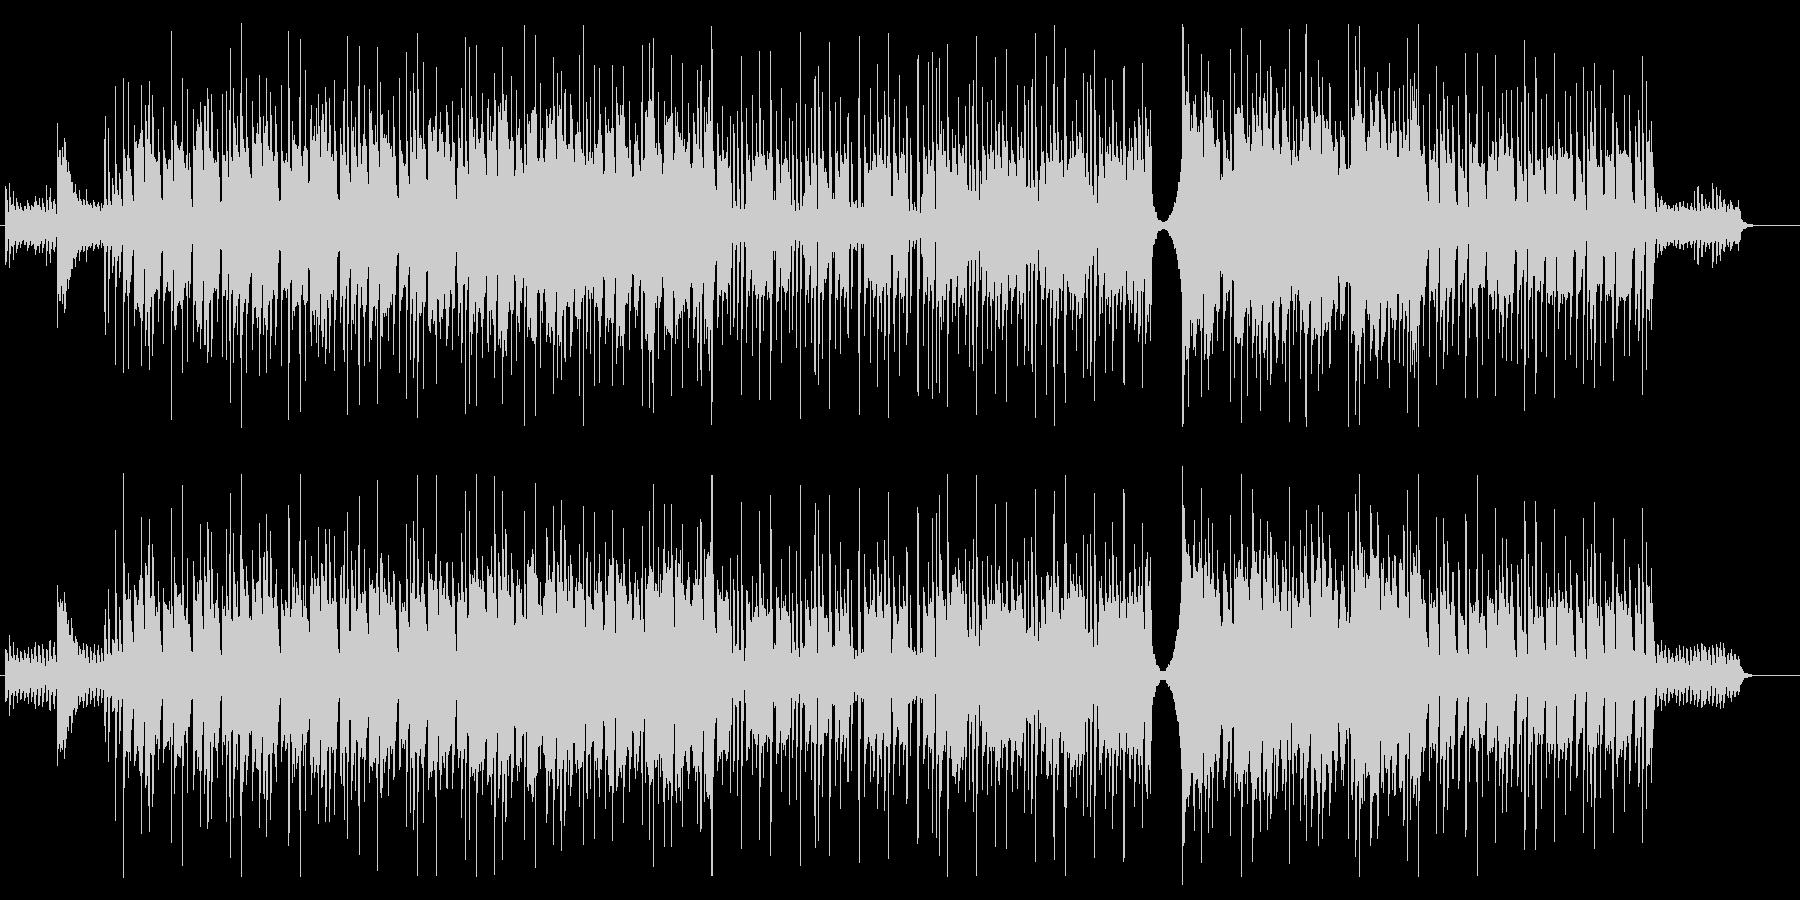 【オーケストラ】ワクワク_朗らか_日常の未再生の波形